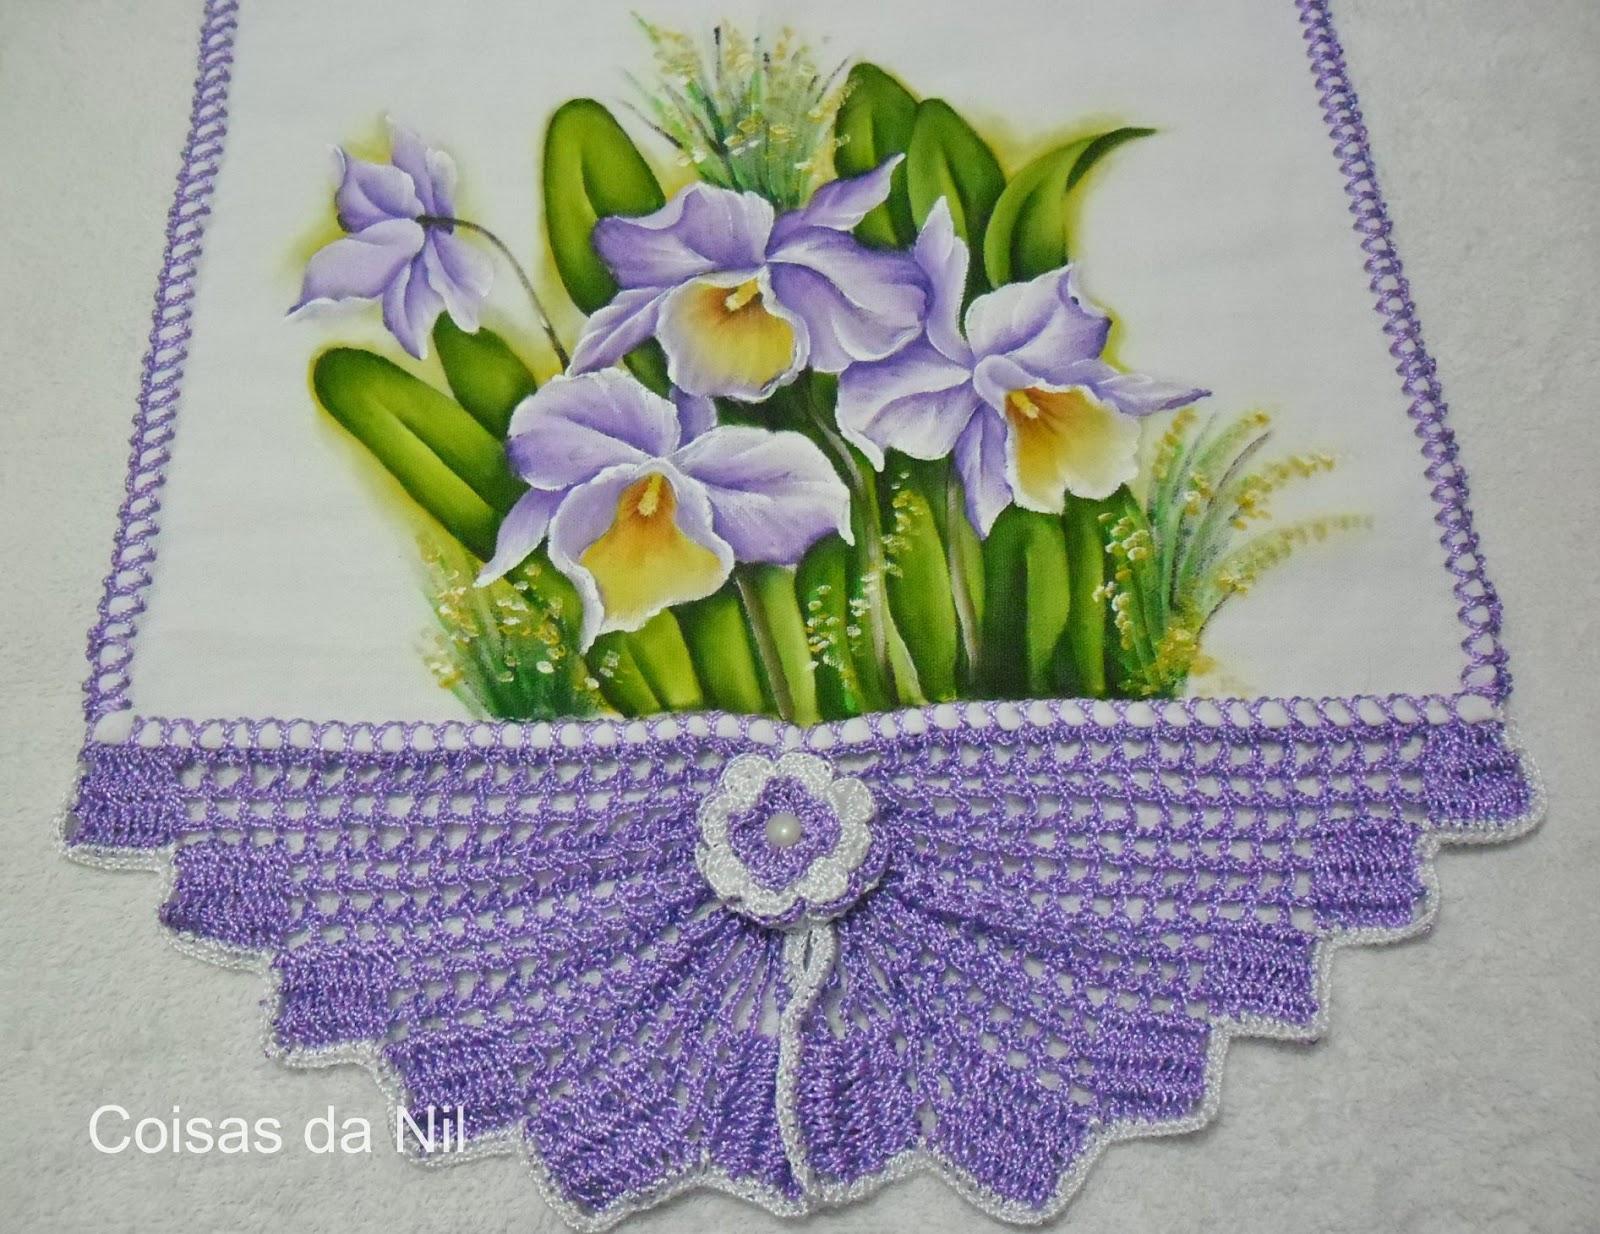 Coisas da nil pintura em tecido orquideas for Fotos pinterest